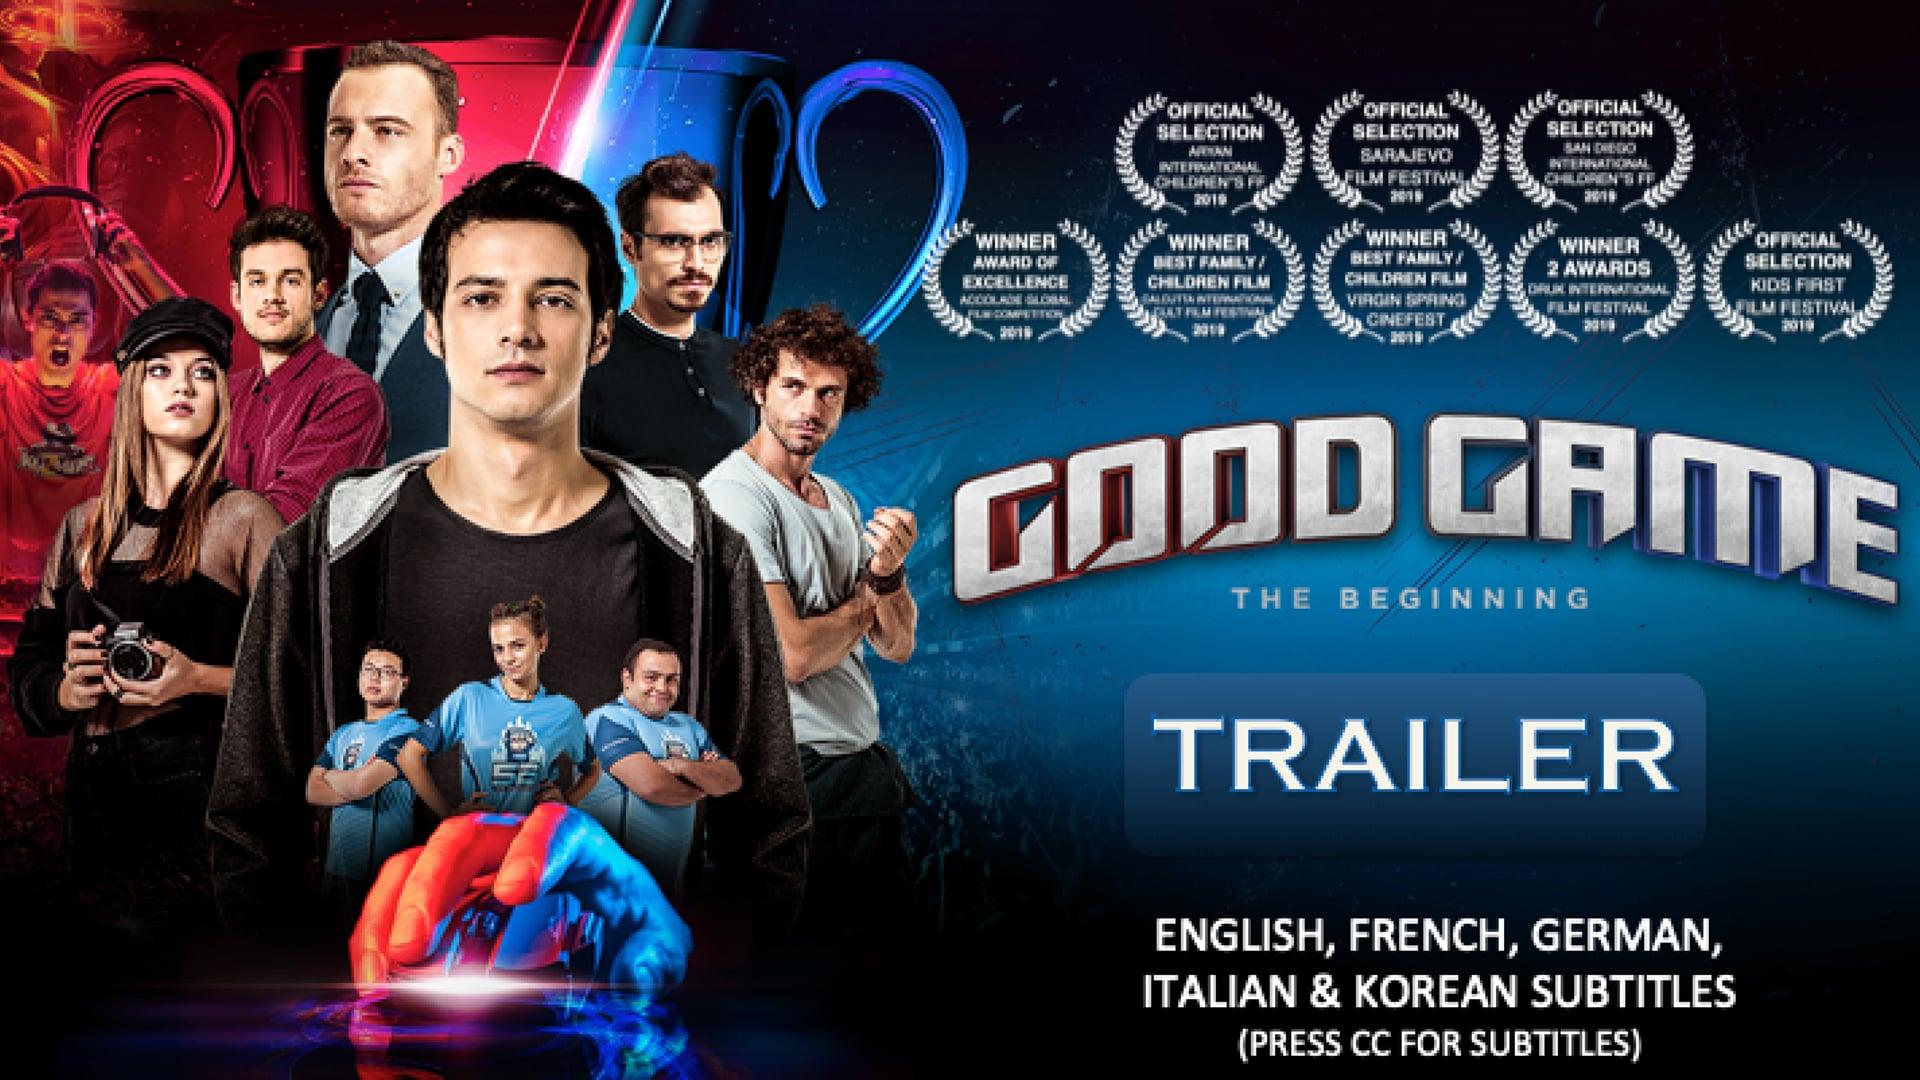 IYI OYUN - GOOD GAME: THE BEGINNING Trailer